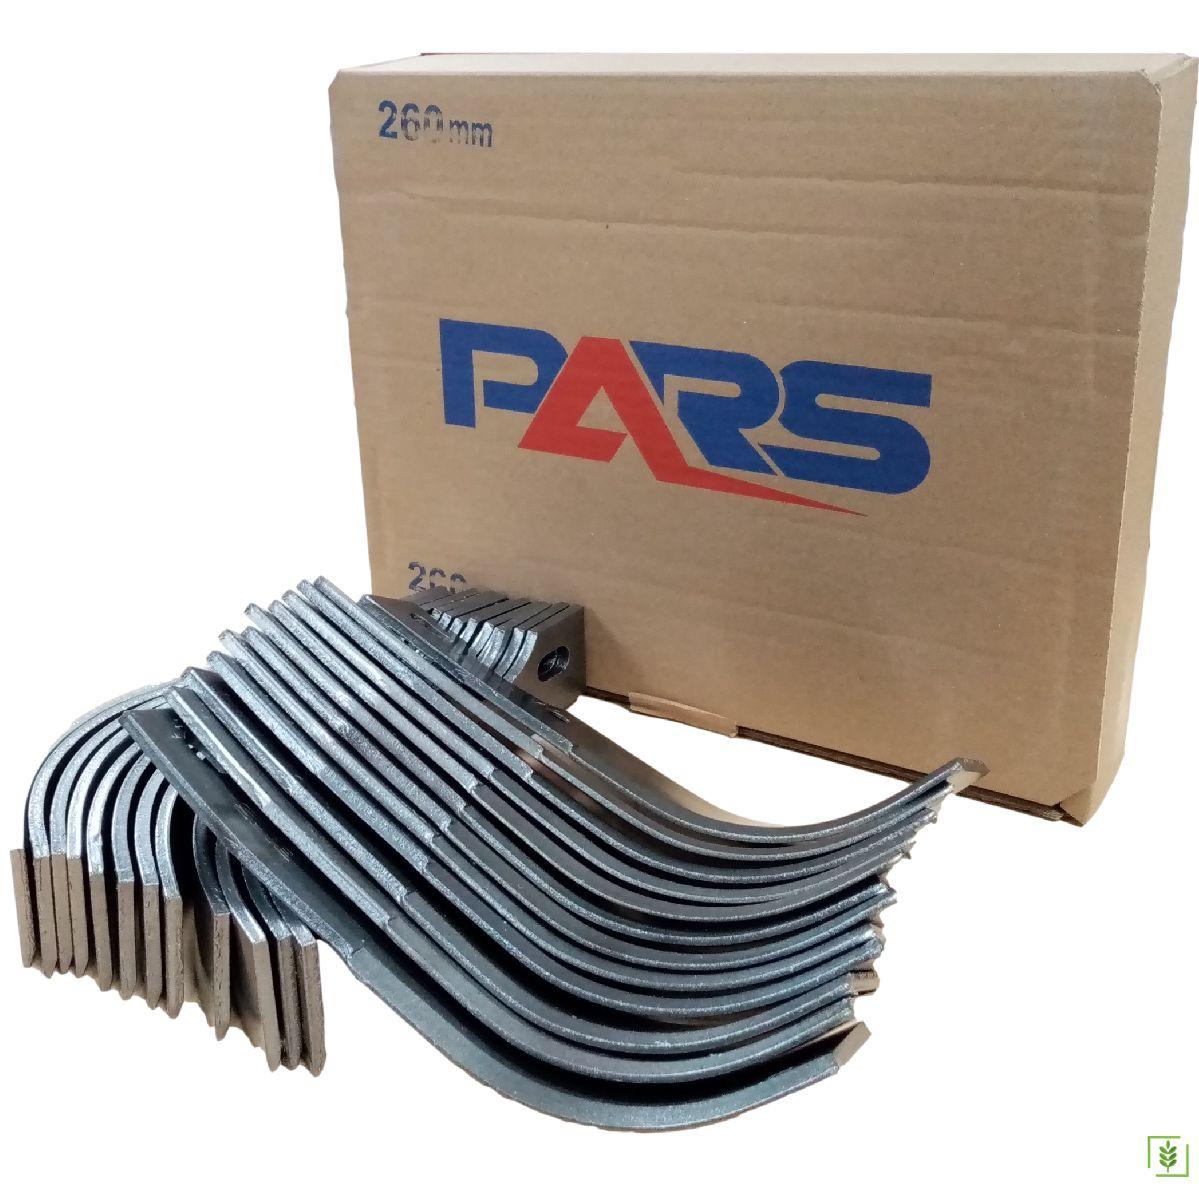 Taral Dizel Modeller Süper Çelik Çapa Bıçakları 26 cm 32 Ad.